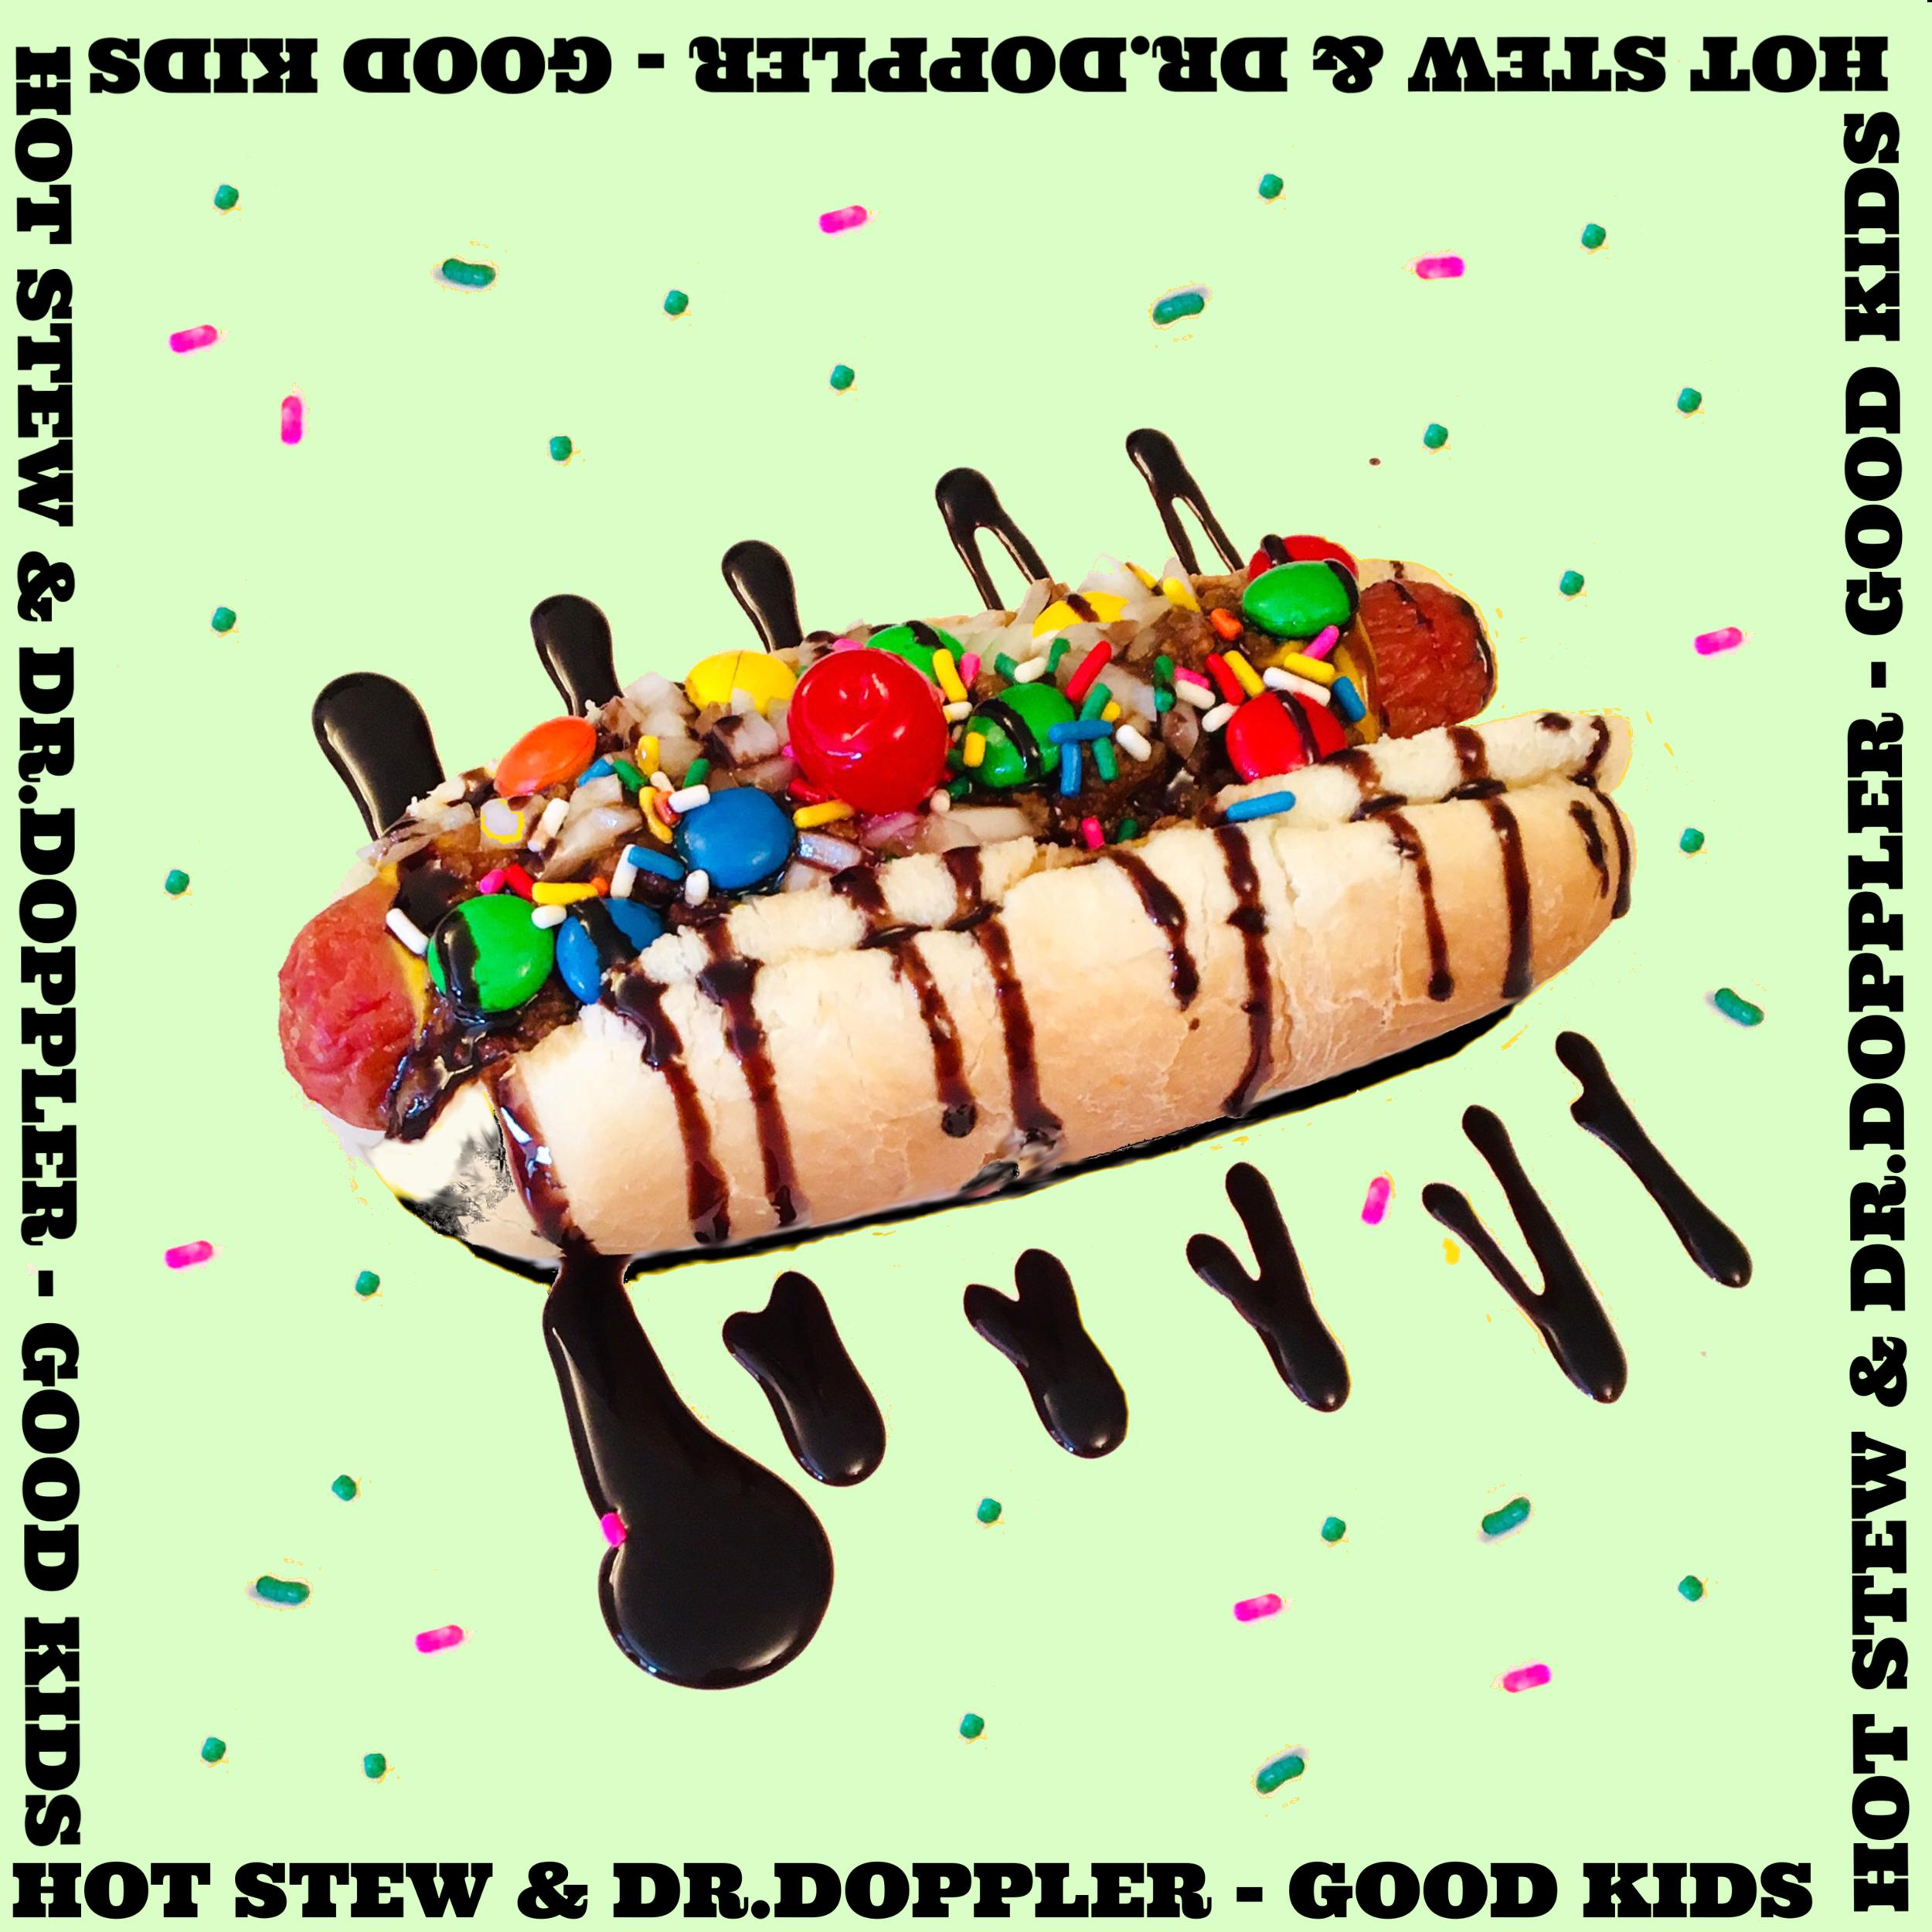 Good Kids - Hot Stew & Dr. Doppler